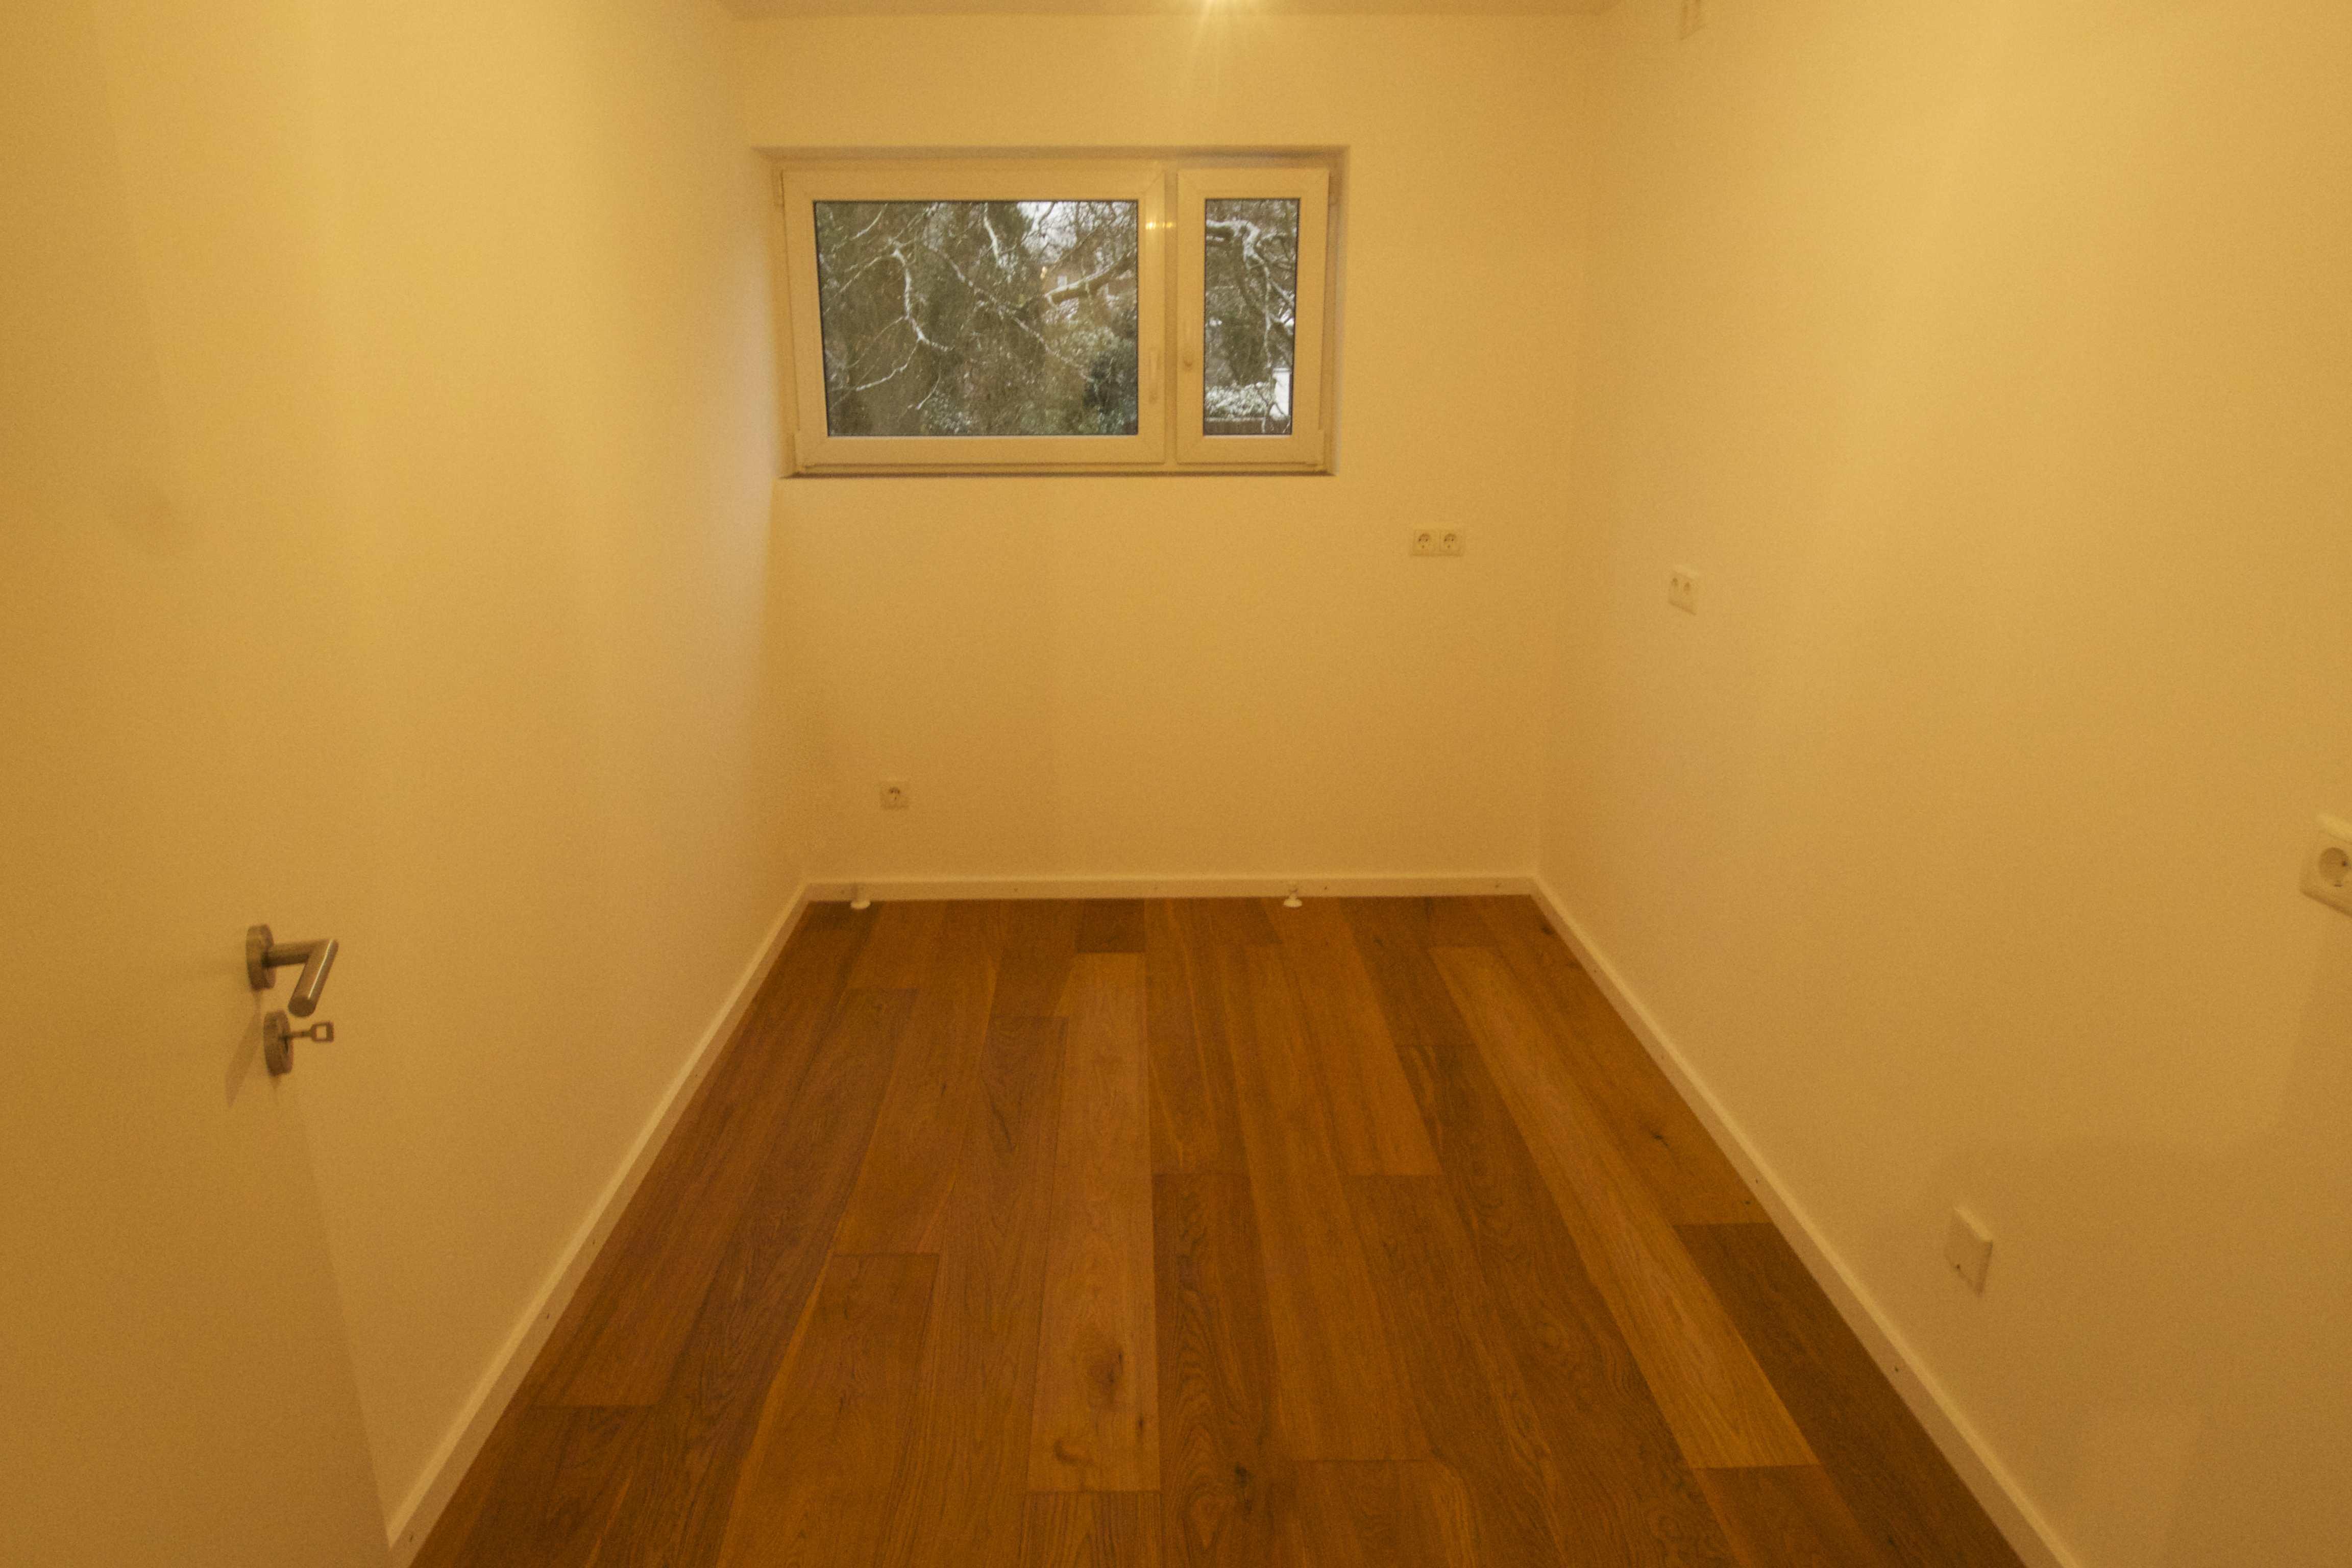 3 zimmer wohnung kauf solln m nchen luxus. Black Bedroom Furniture Sets. Home Design Ideas